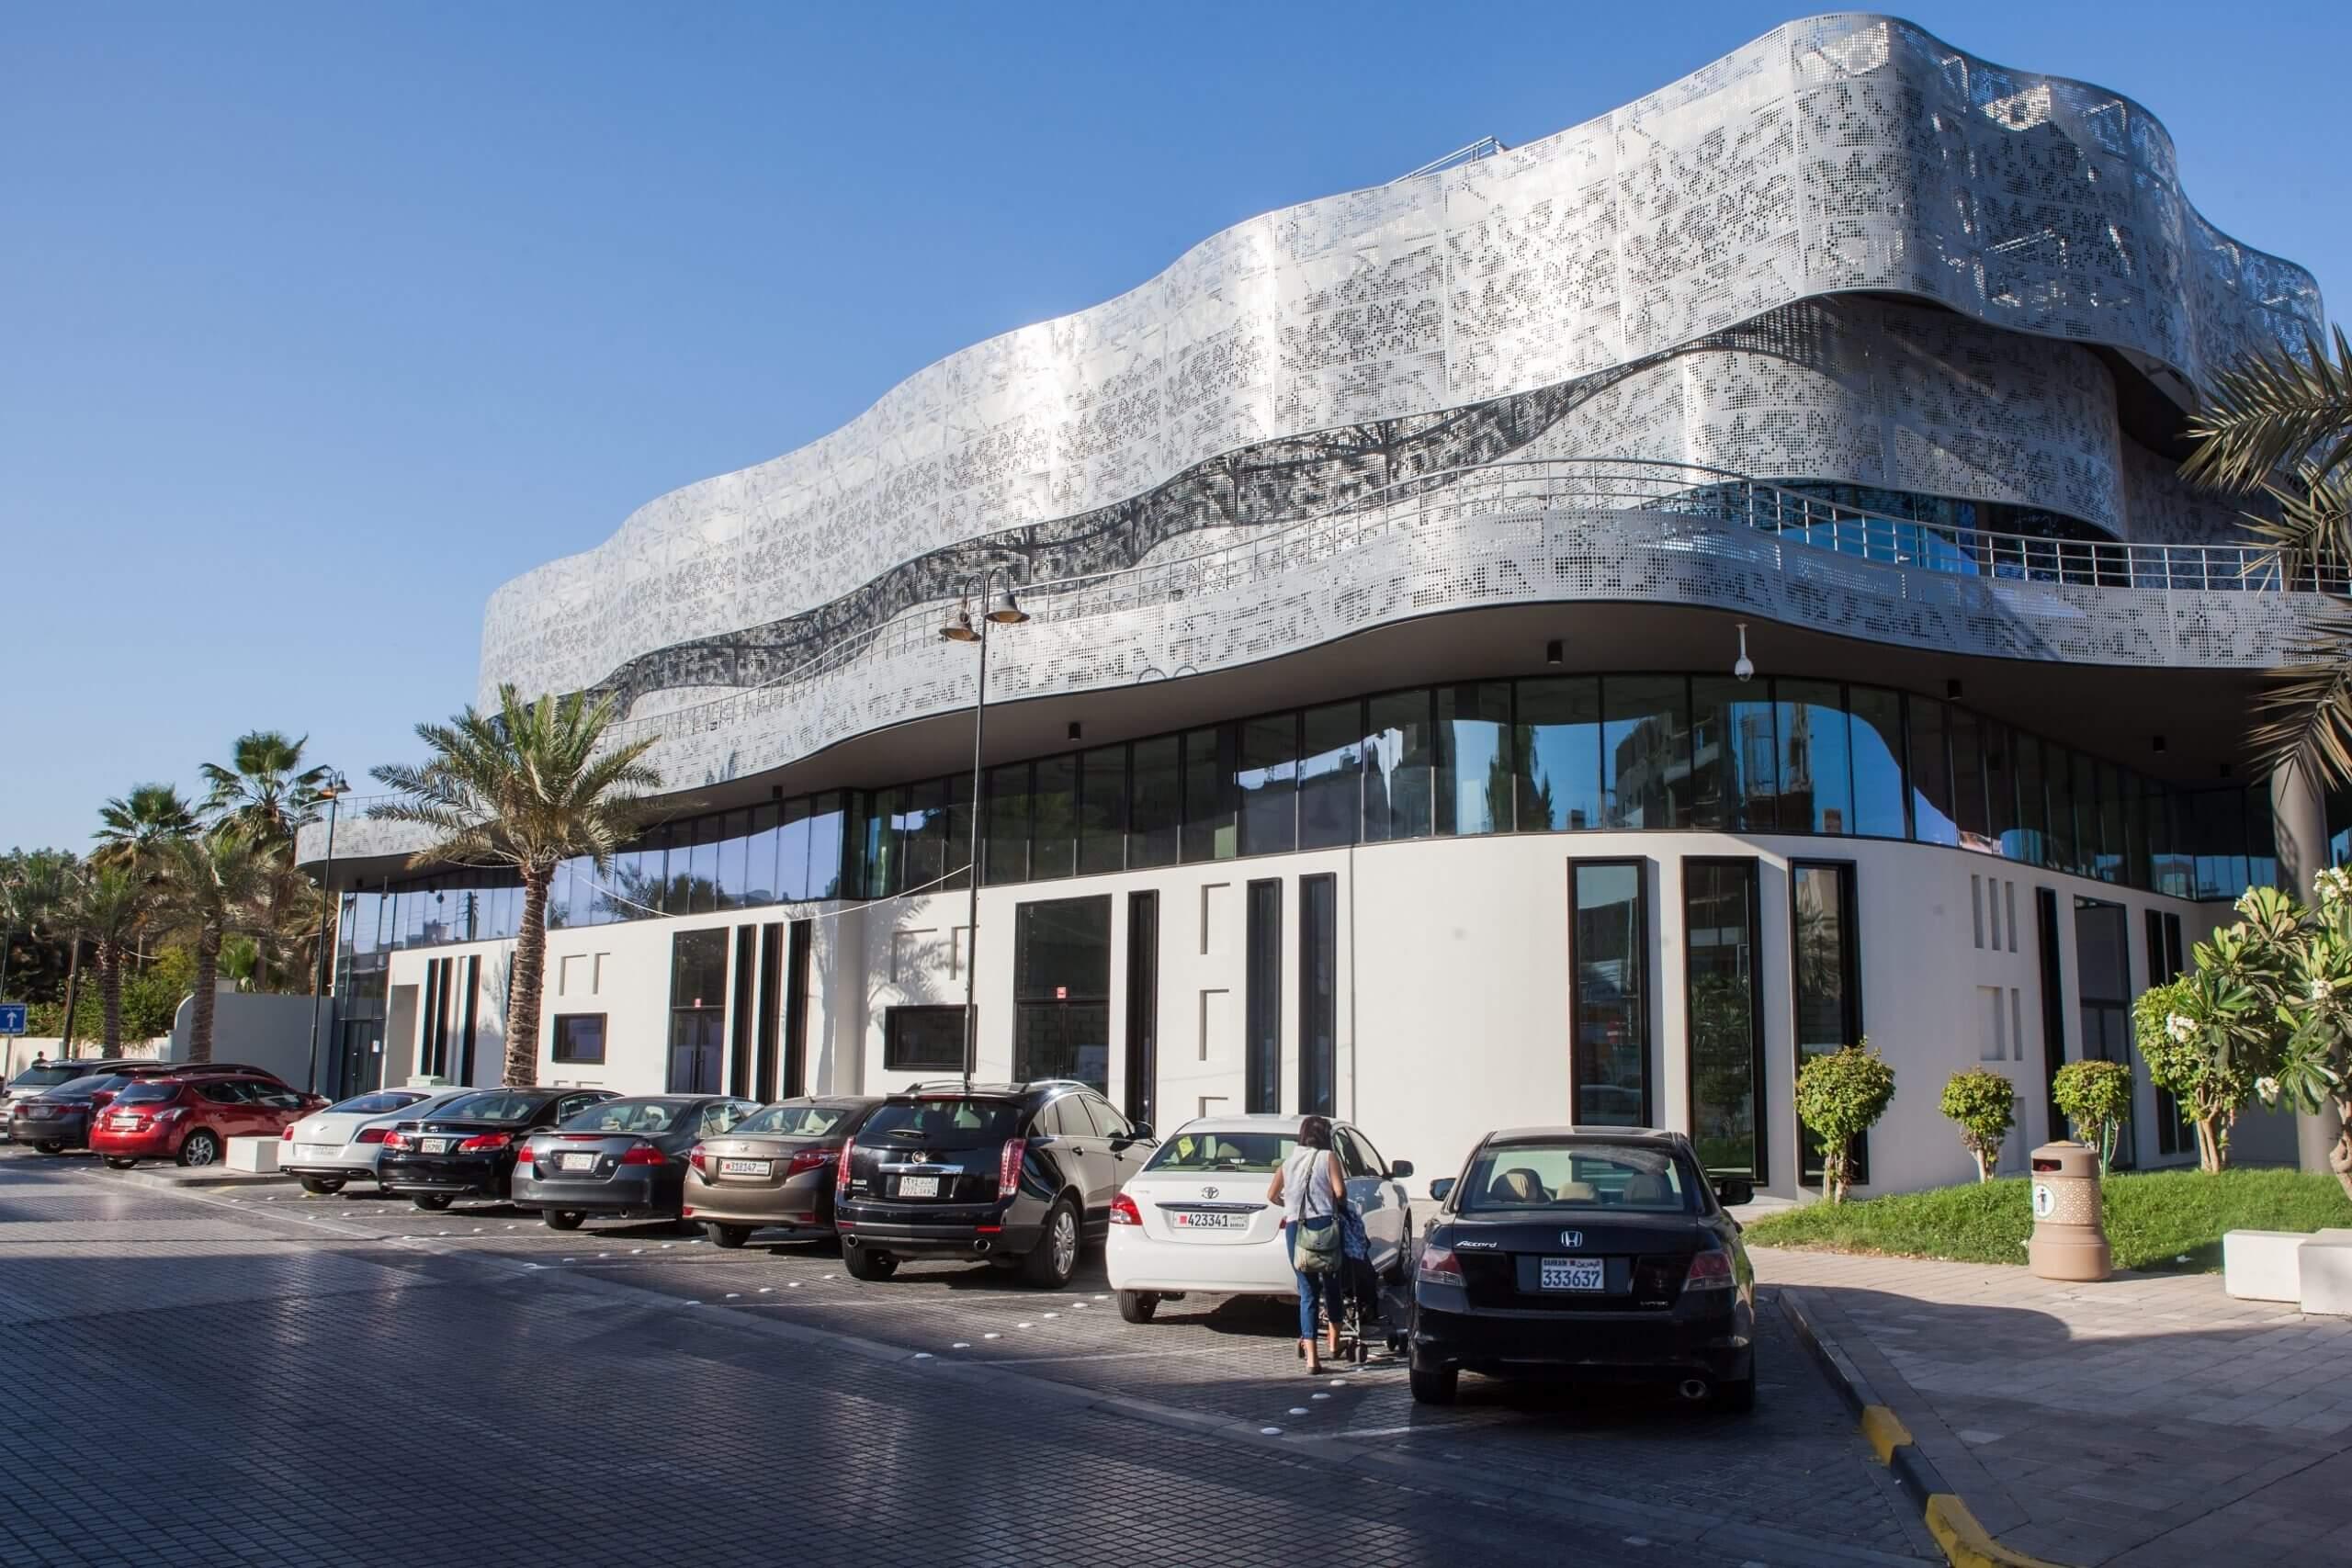 """شركة إدامة تطلق مجمع """"ذا ترمينال"""" لمواقف السيارات بتكلفة 7.6 مليون دينار بحريني"""